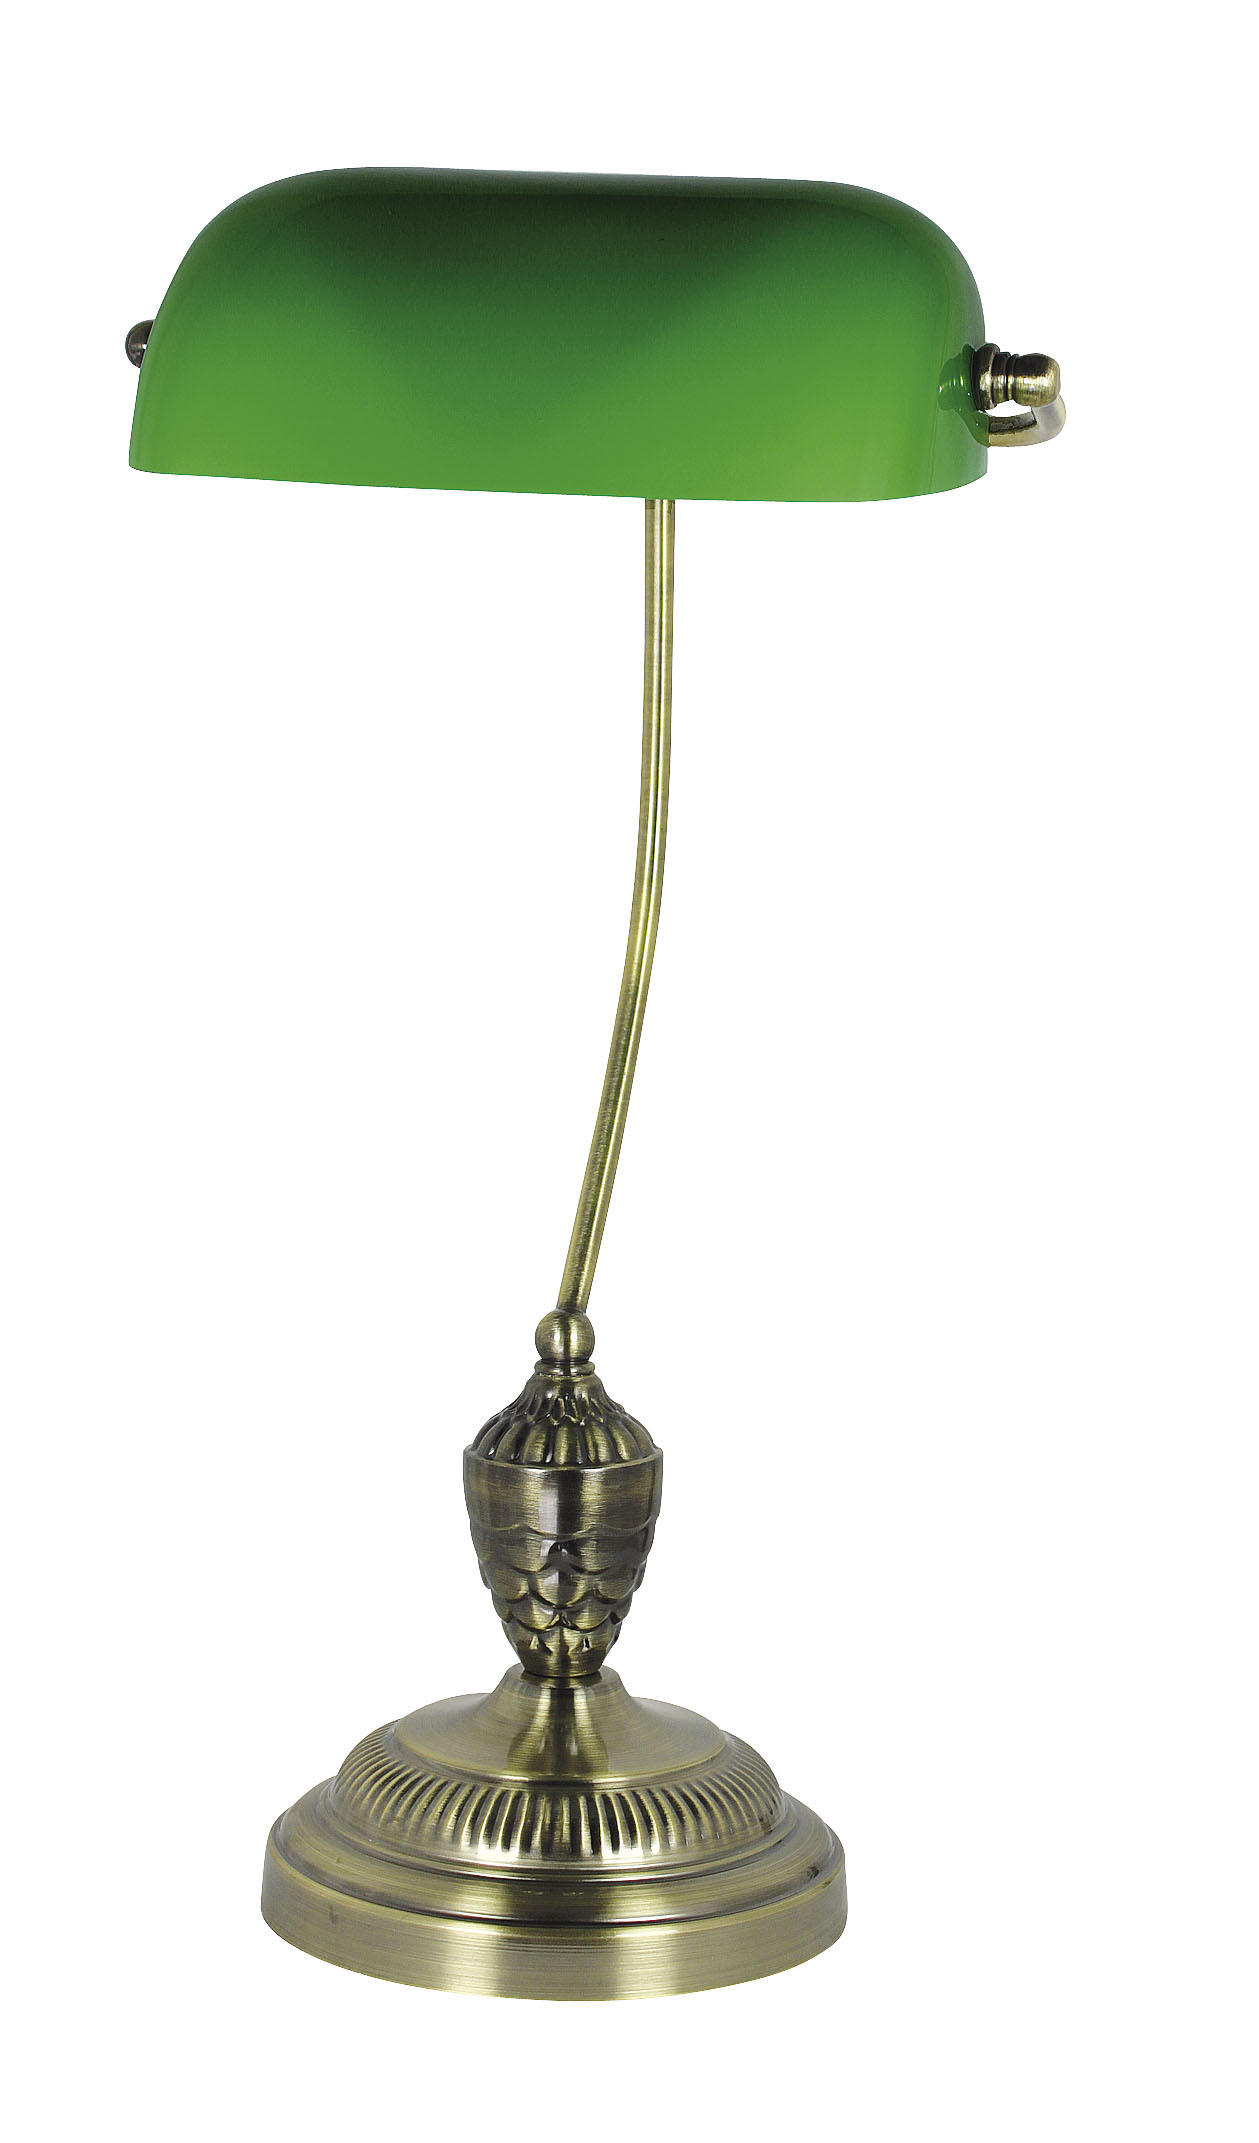 bankers lampe messing antik mit gr nem glasschirm h 50cm. Black Bedroom Furniture Sets. Home Design Ideas